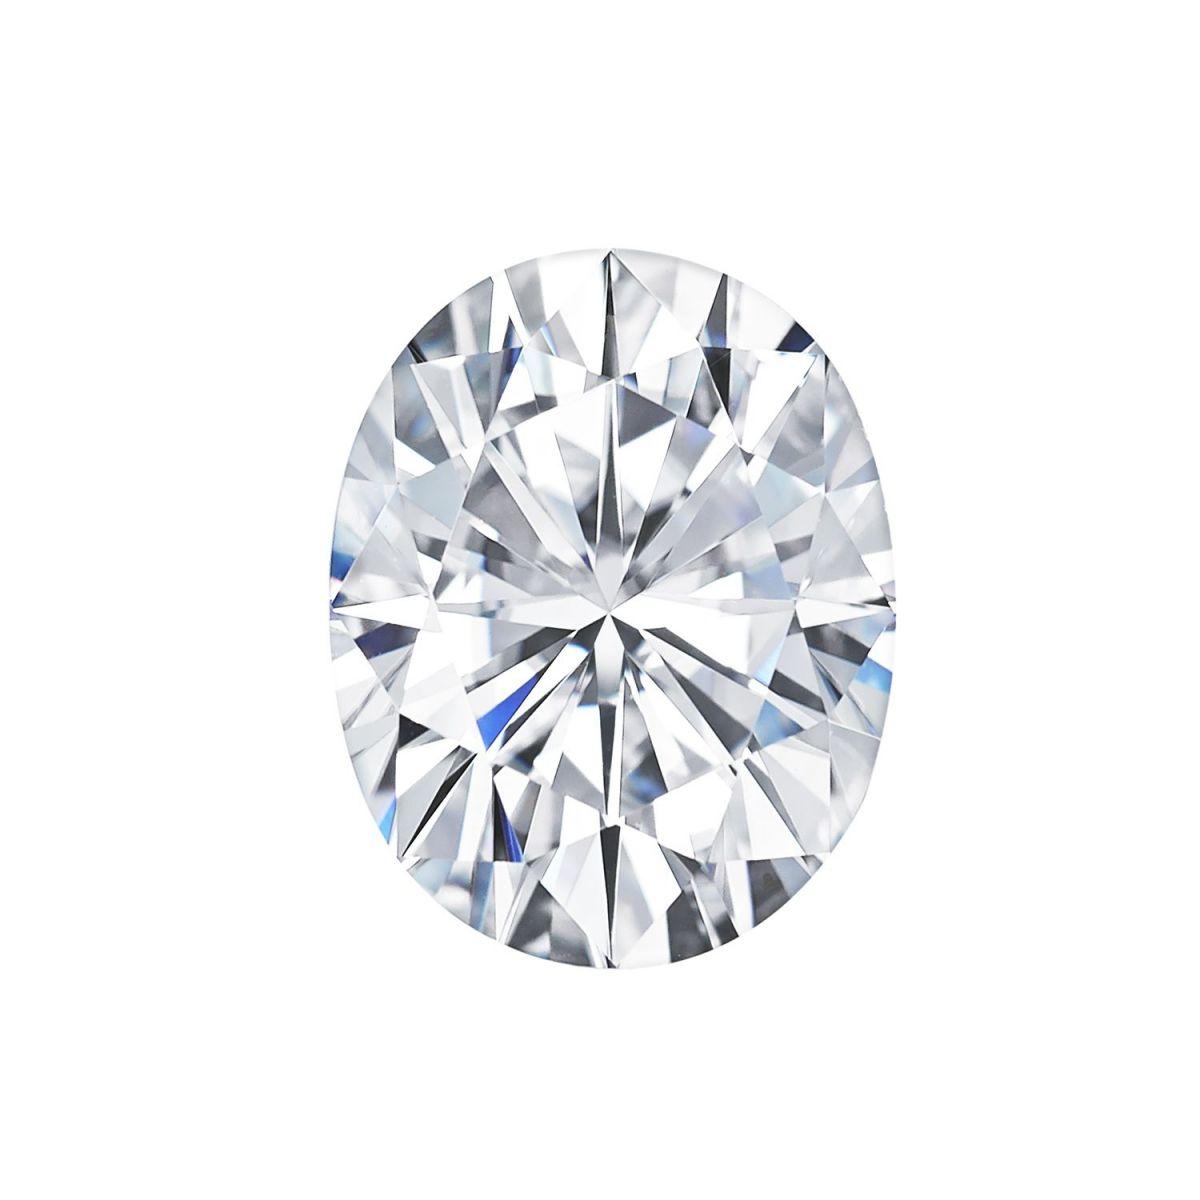 https://www.loveandpromisejewelers.com/media/catalog/product/cache/feefdef027ccf0d59dd1fef51db0610e/o/v/oval_moissanite_image.jpg